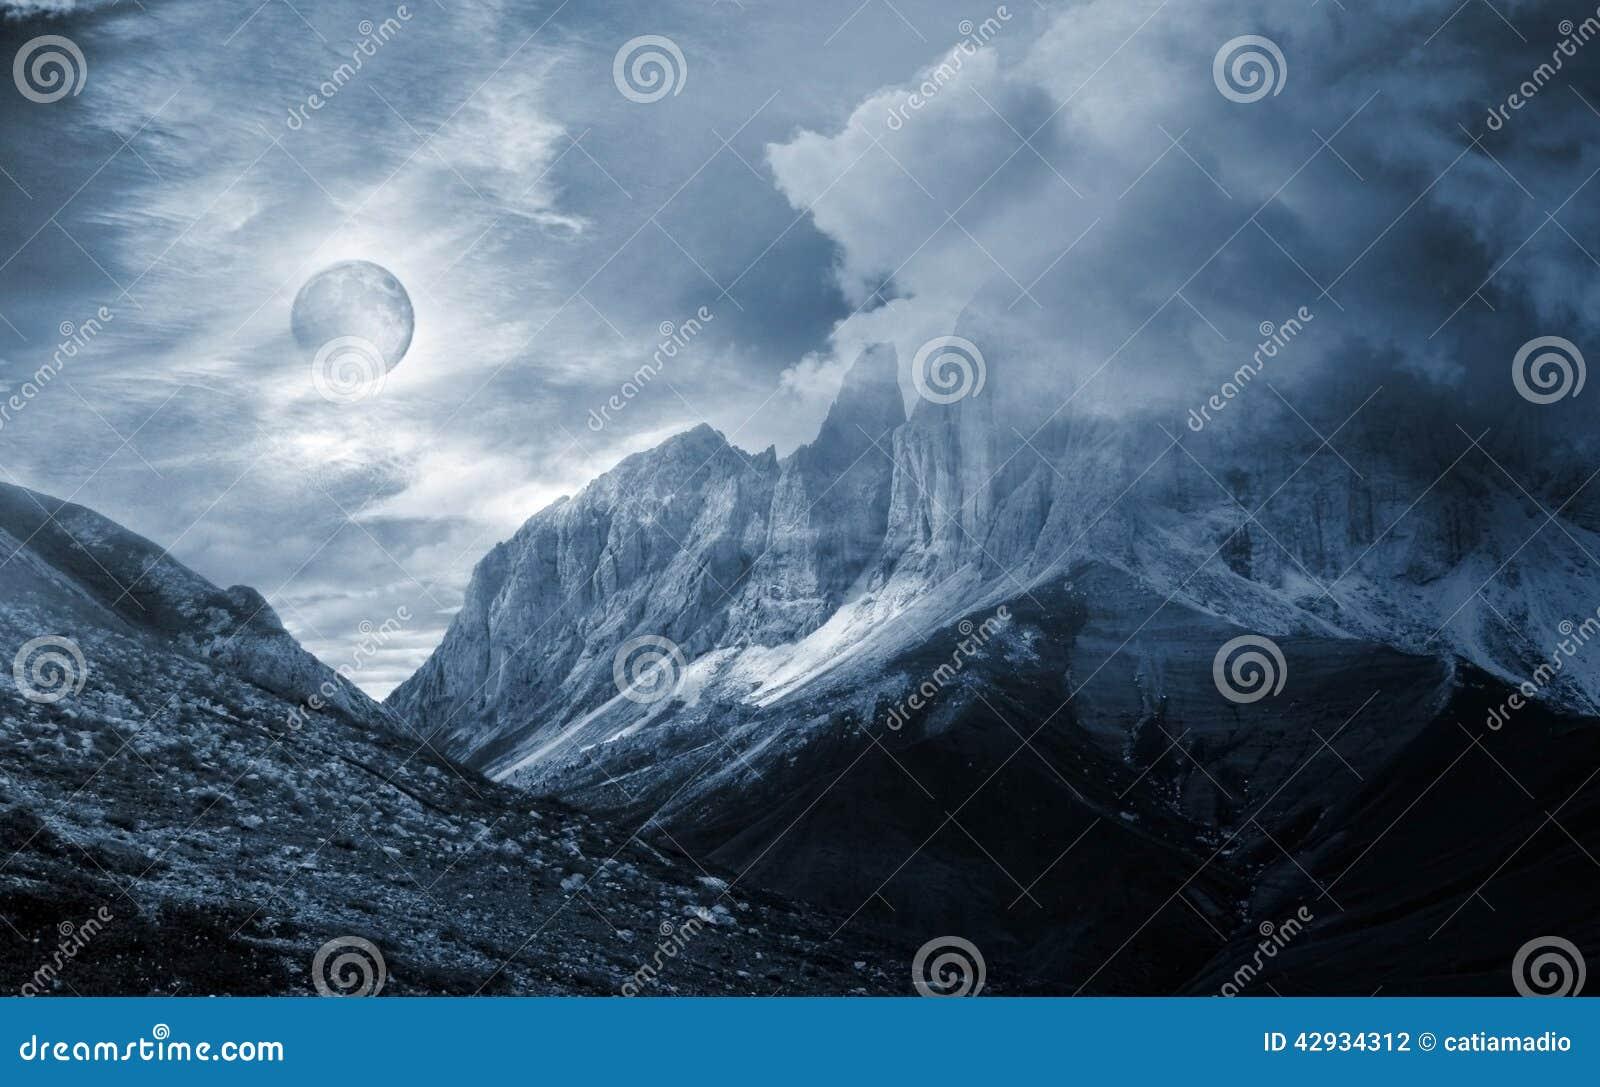 Fantasia do cenário da montanha